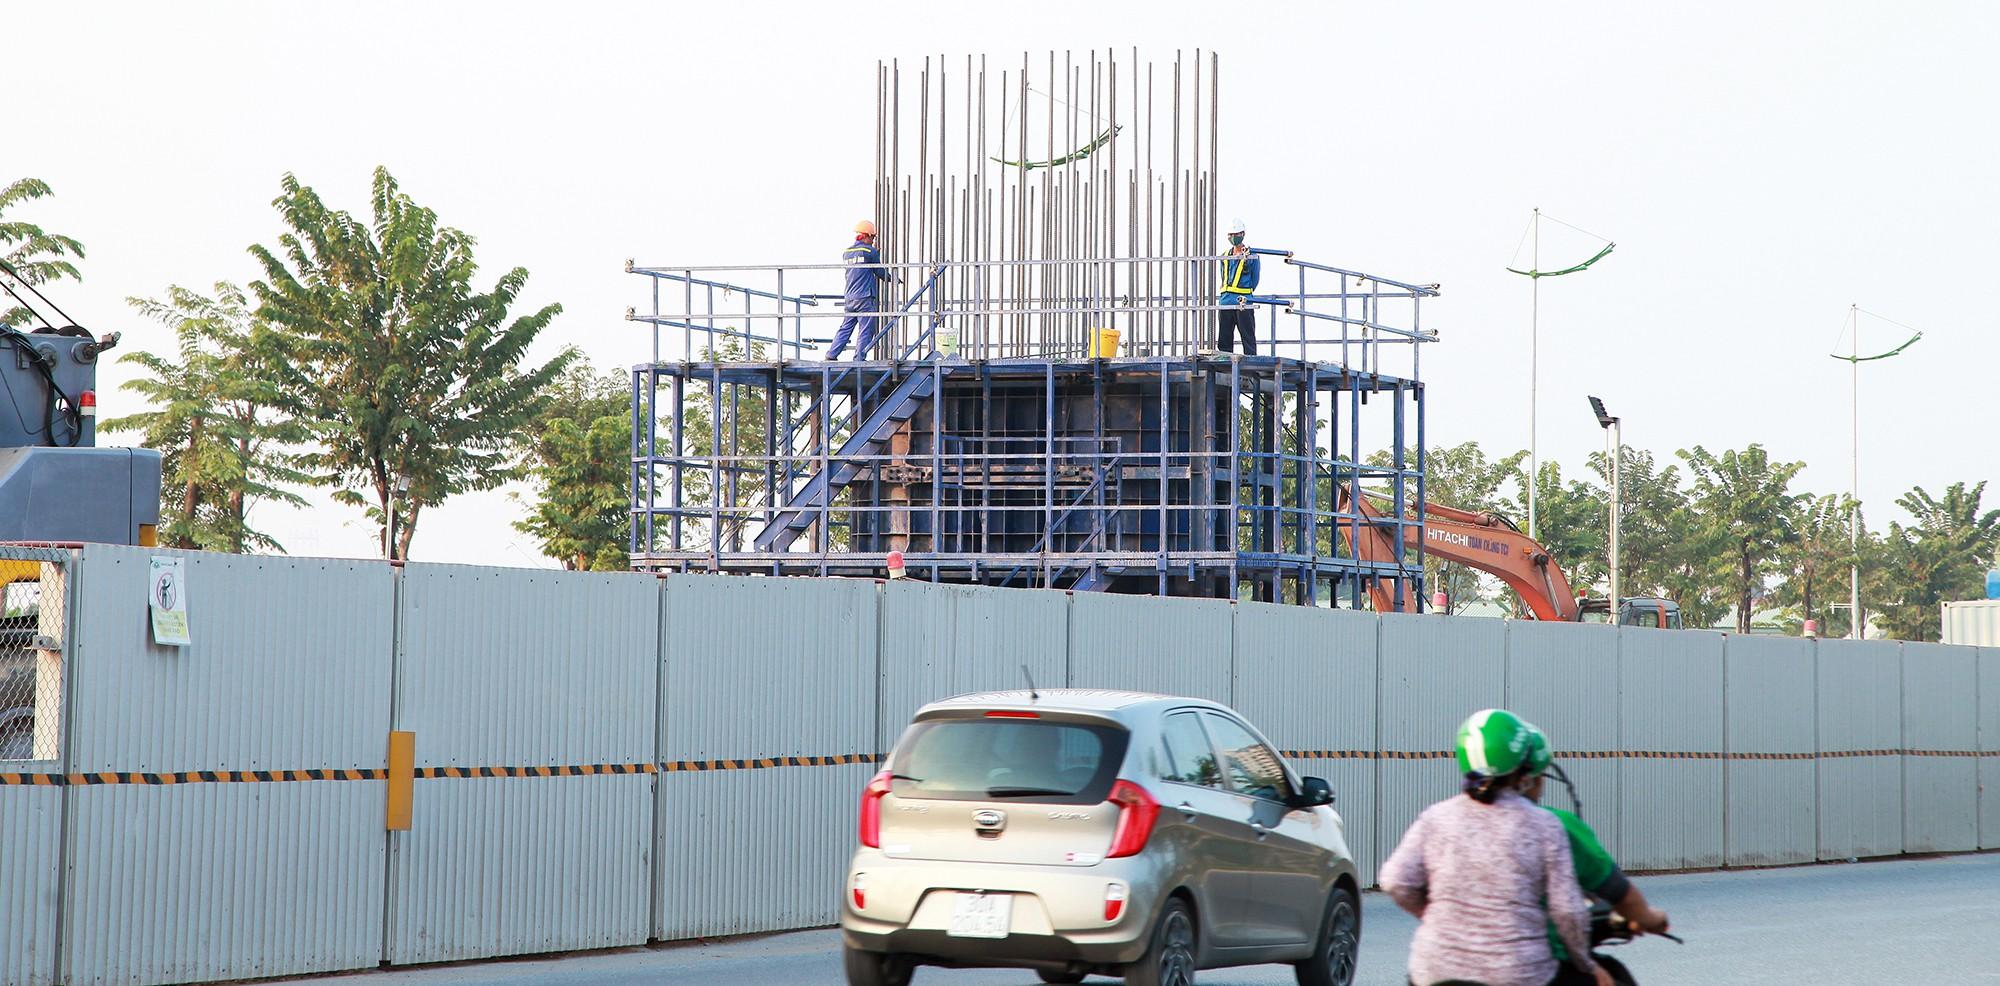 Toàn cảnh tuyến đường 8.500 tỷ đồng đang tác động mạnh mẽ lên thị trường bất động sản phía Bắc thủ đô - Ảnh 10.